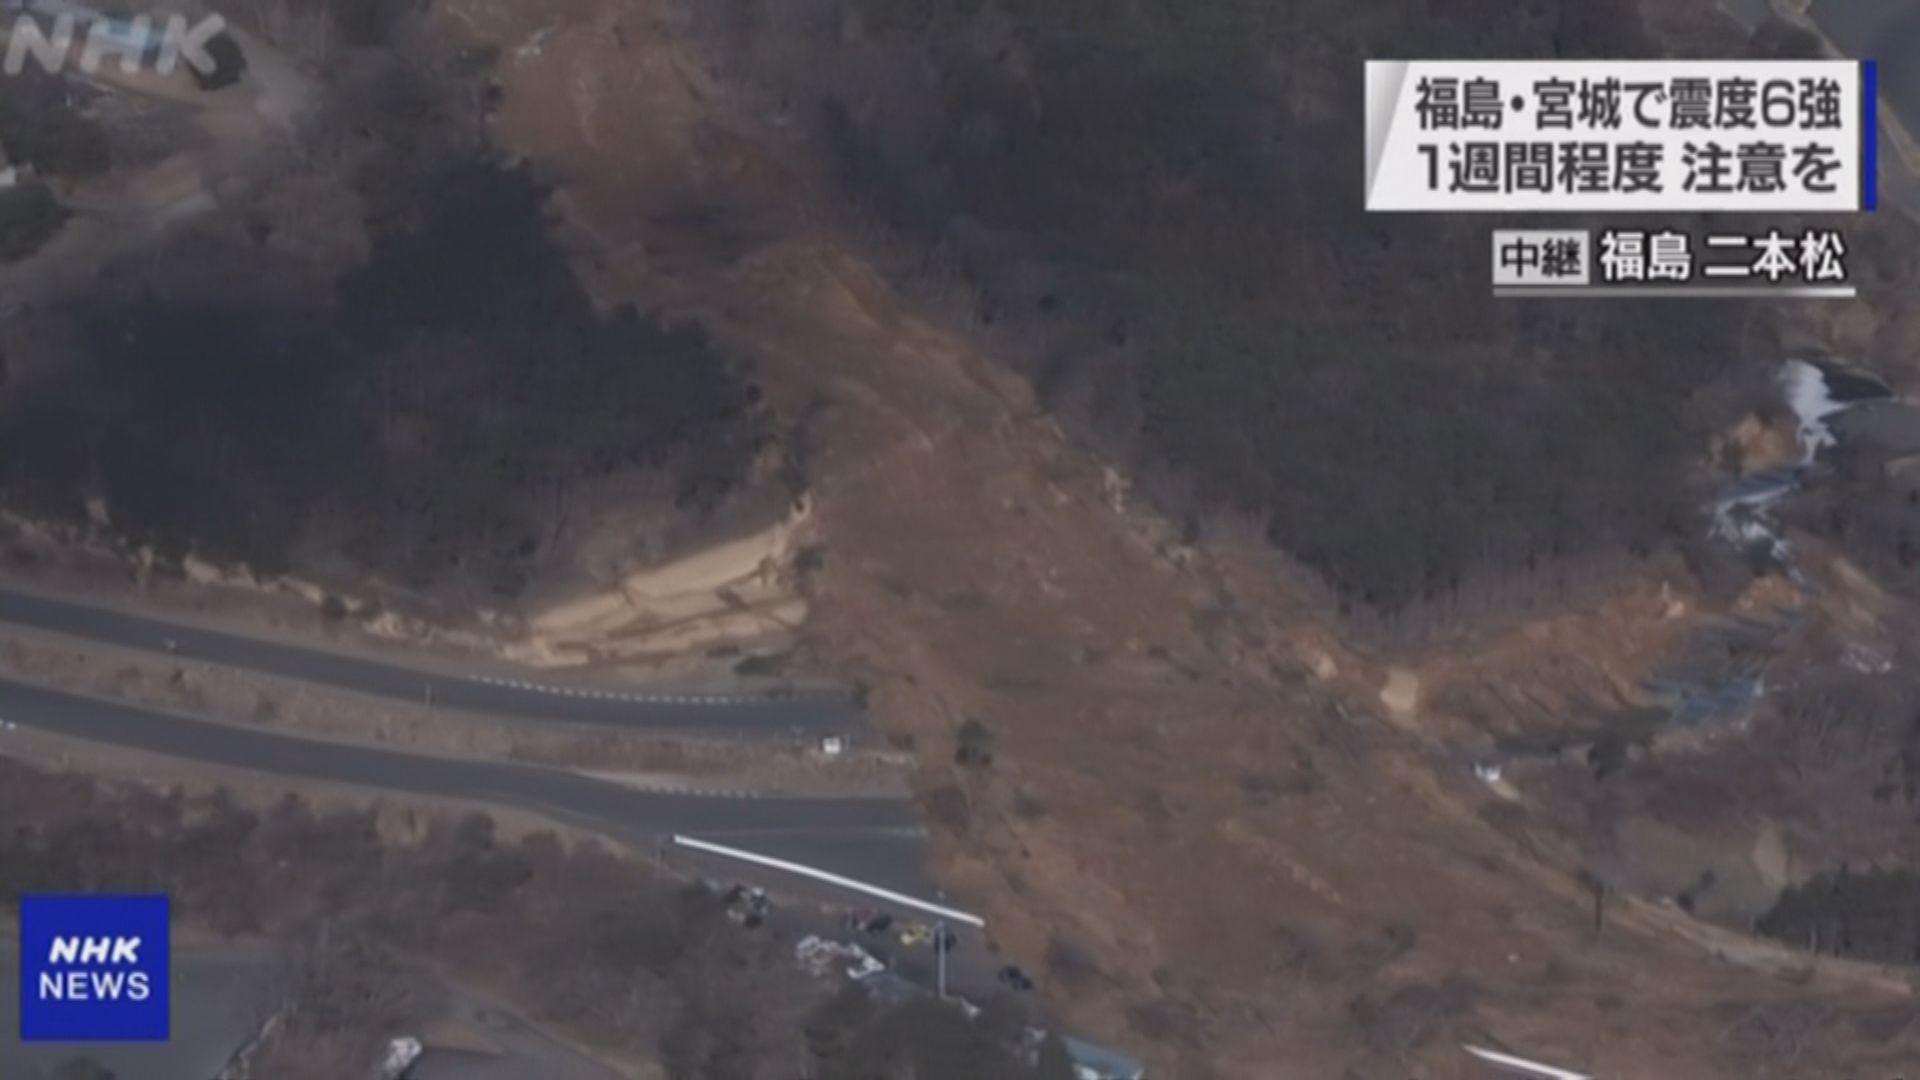 福島7.3級地震引發多處山泥傾瀉 近百萬戶停電